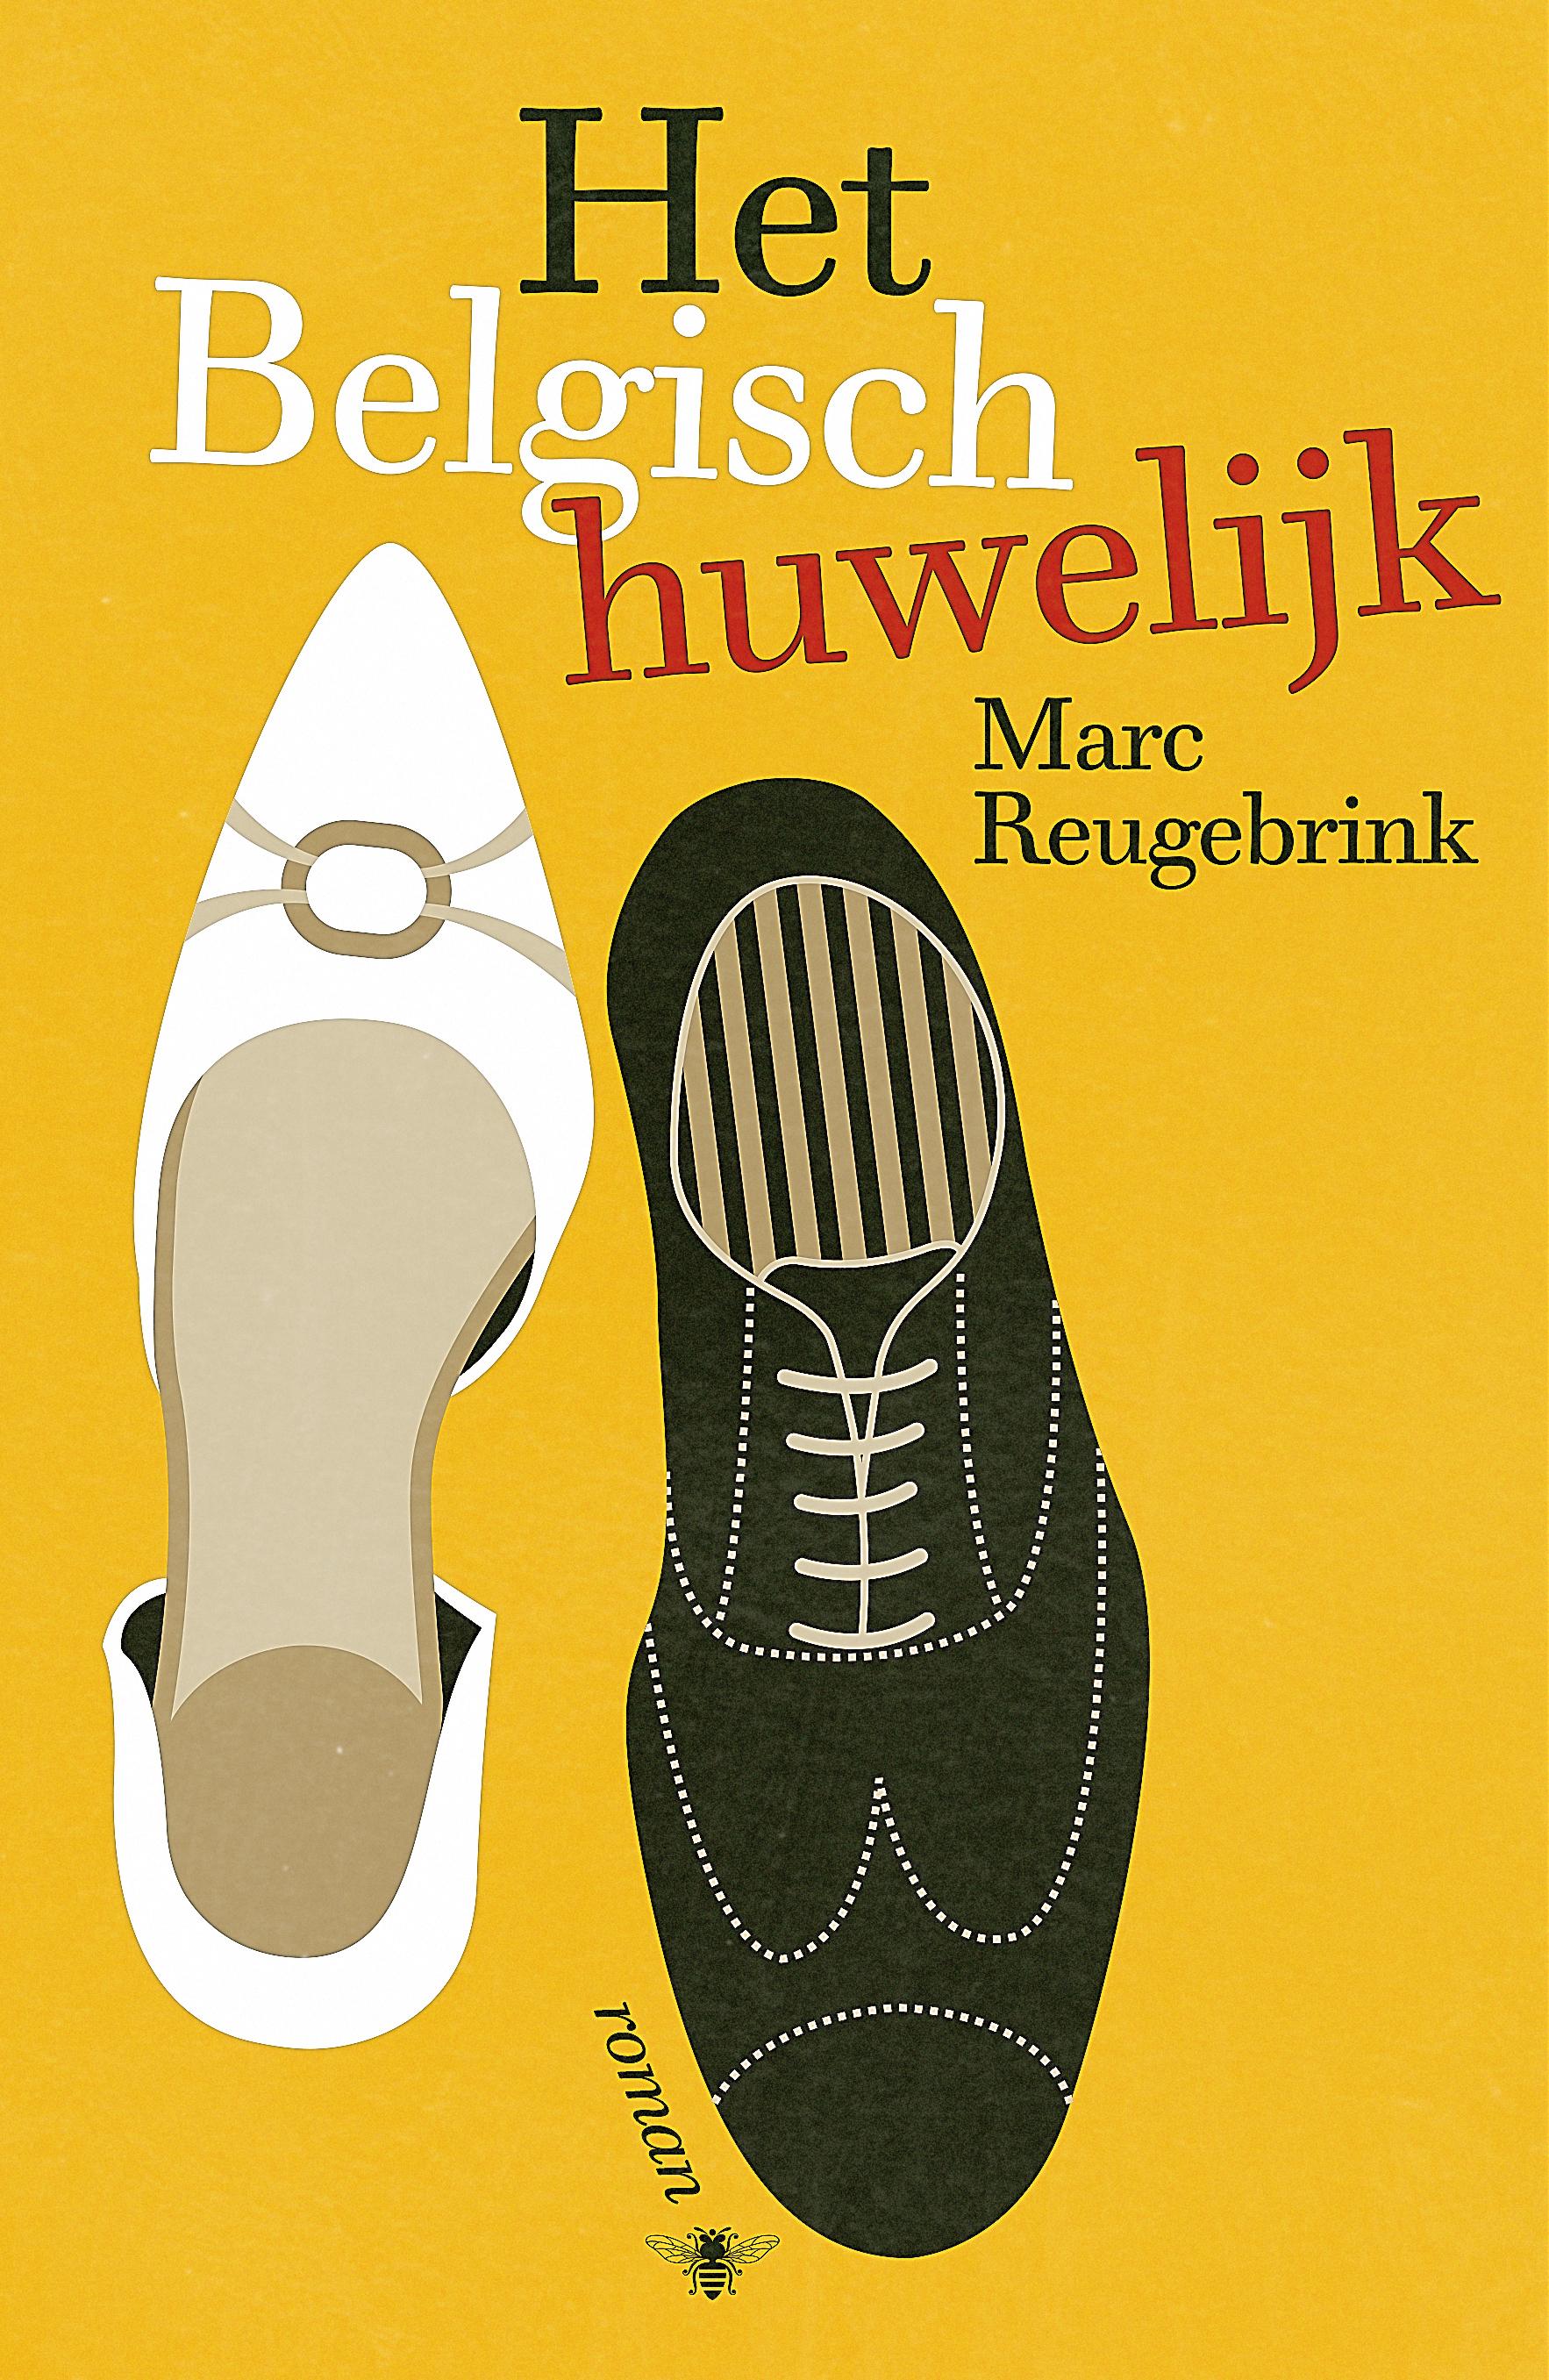 Het Belgisch huwelijk – Marc Reugebrink